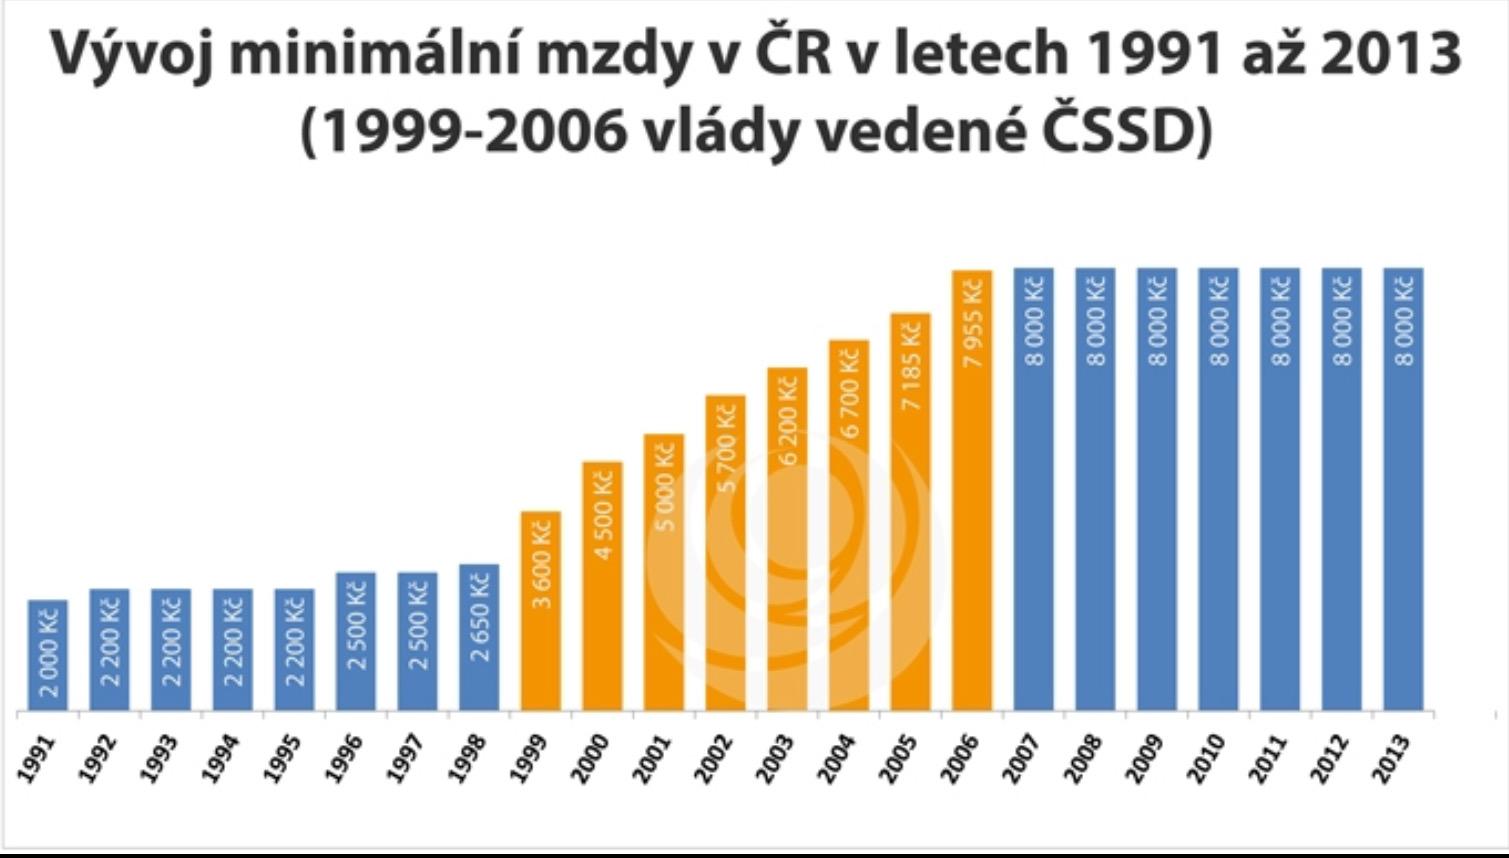 Růst minimální mzdy 1991 až 2013